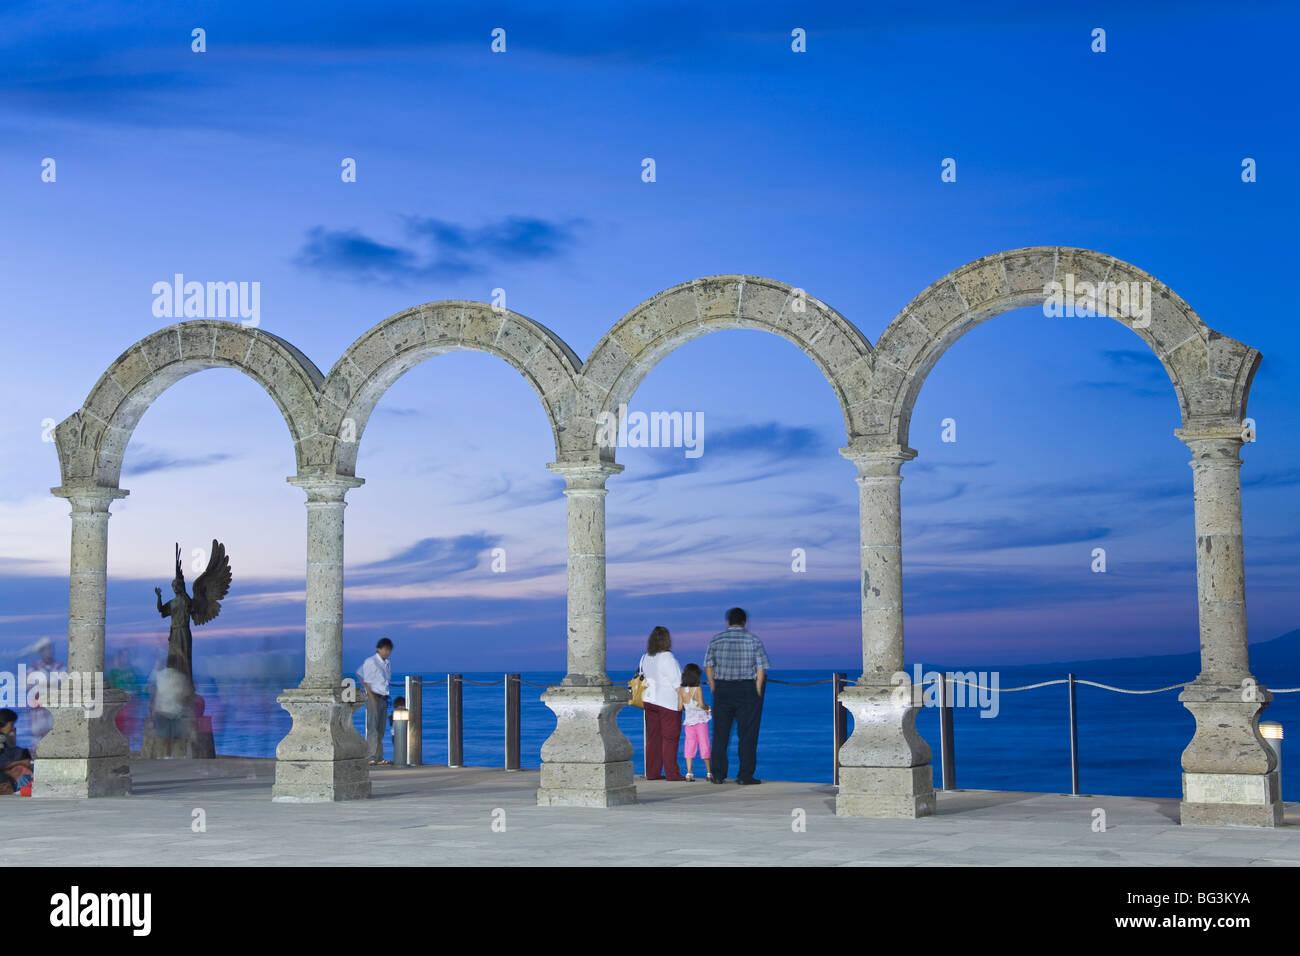 Bögen an der Malecon, Puerto Vallarta, Staat Jalisco, Mexiko, Nordamerika Stockbild